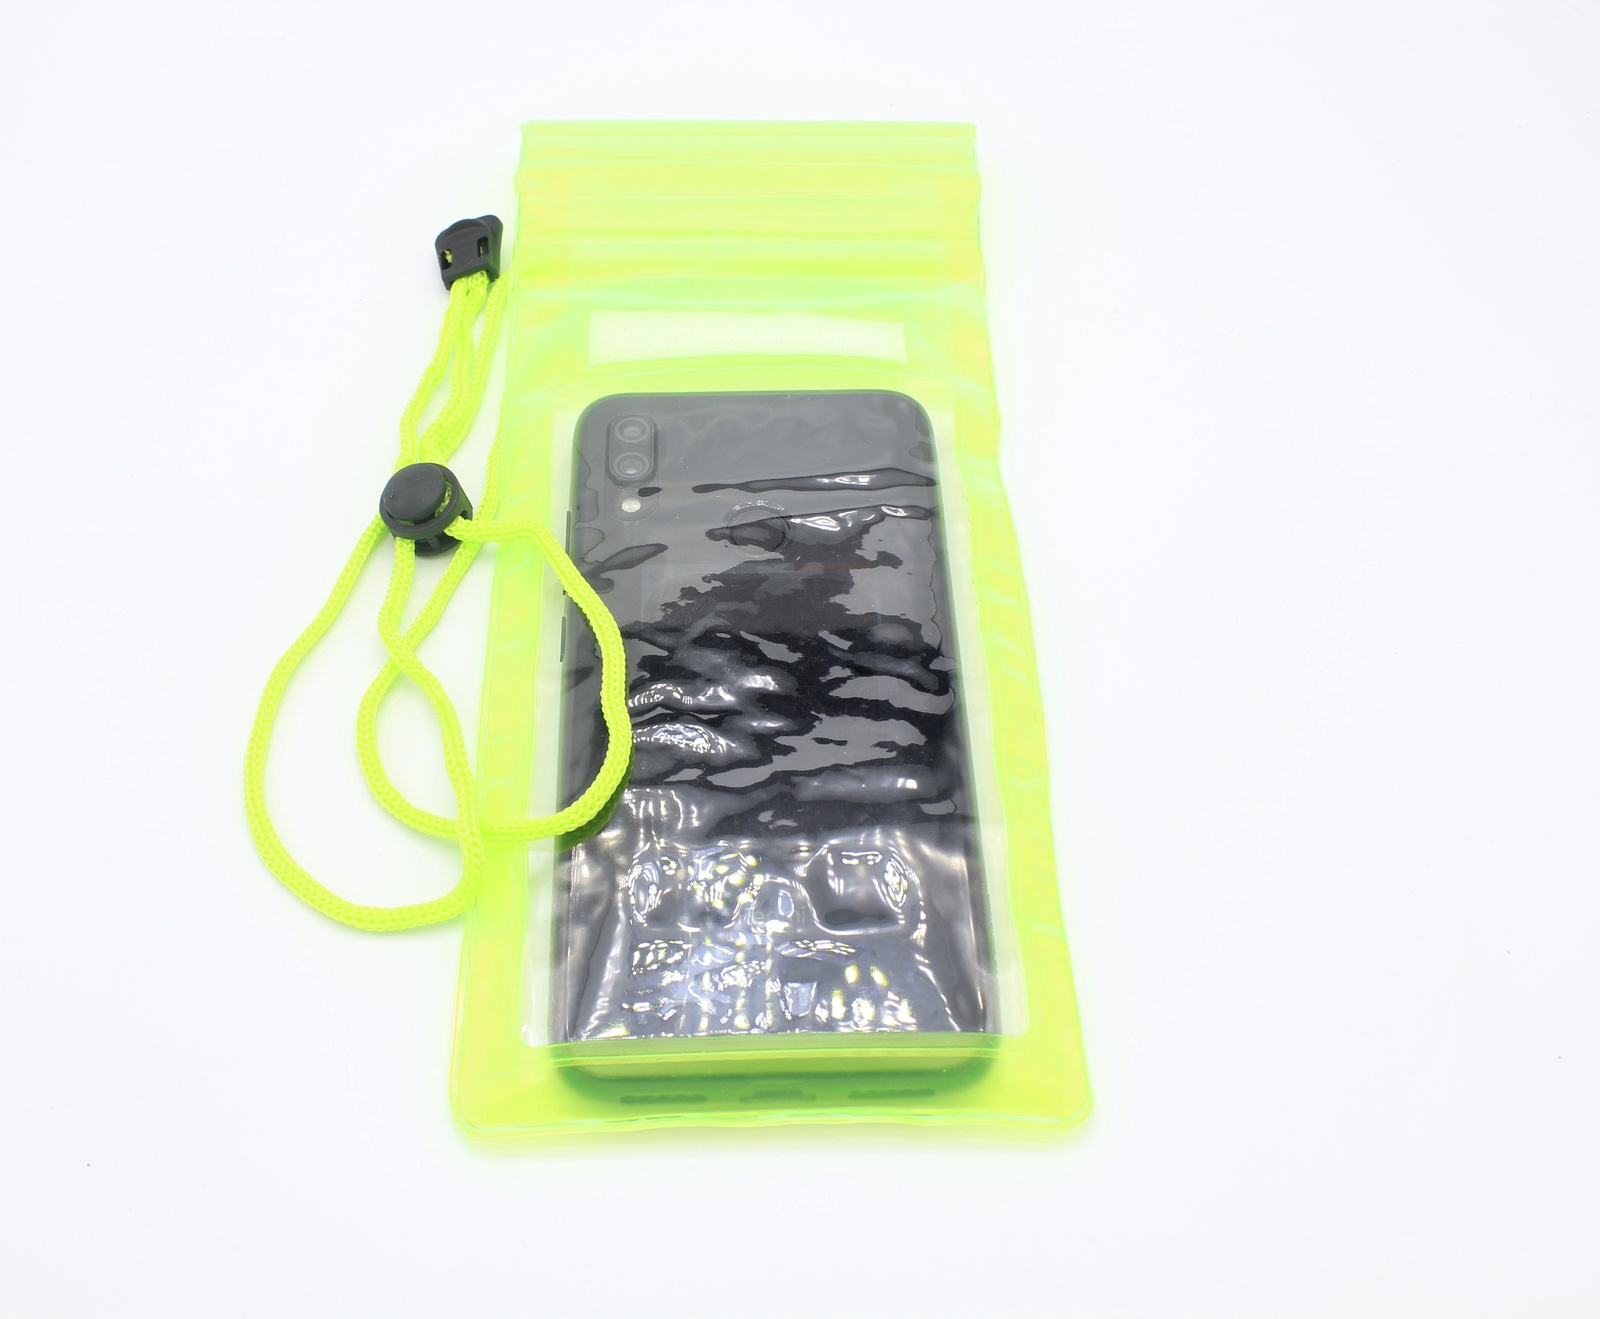 Водонепроницаемый чехол для телефона универсальный без компаса, зеленый водонепроницаемый чехол для телефона спб